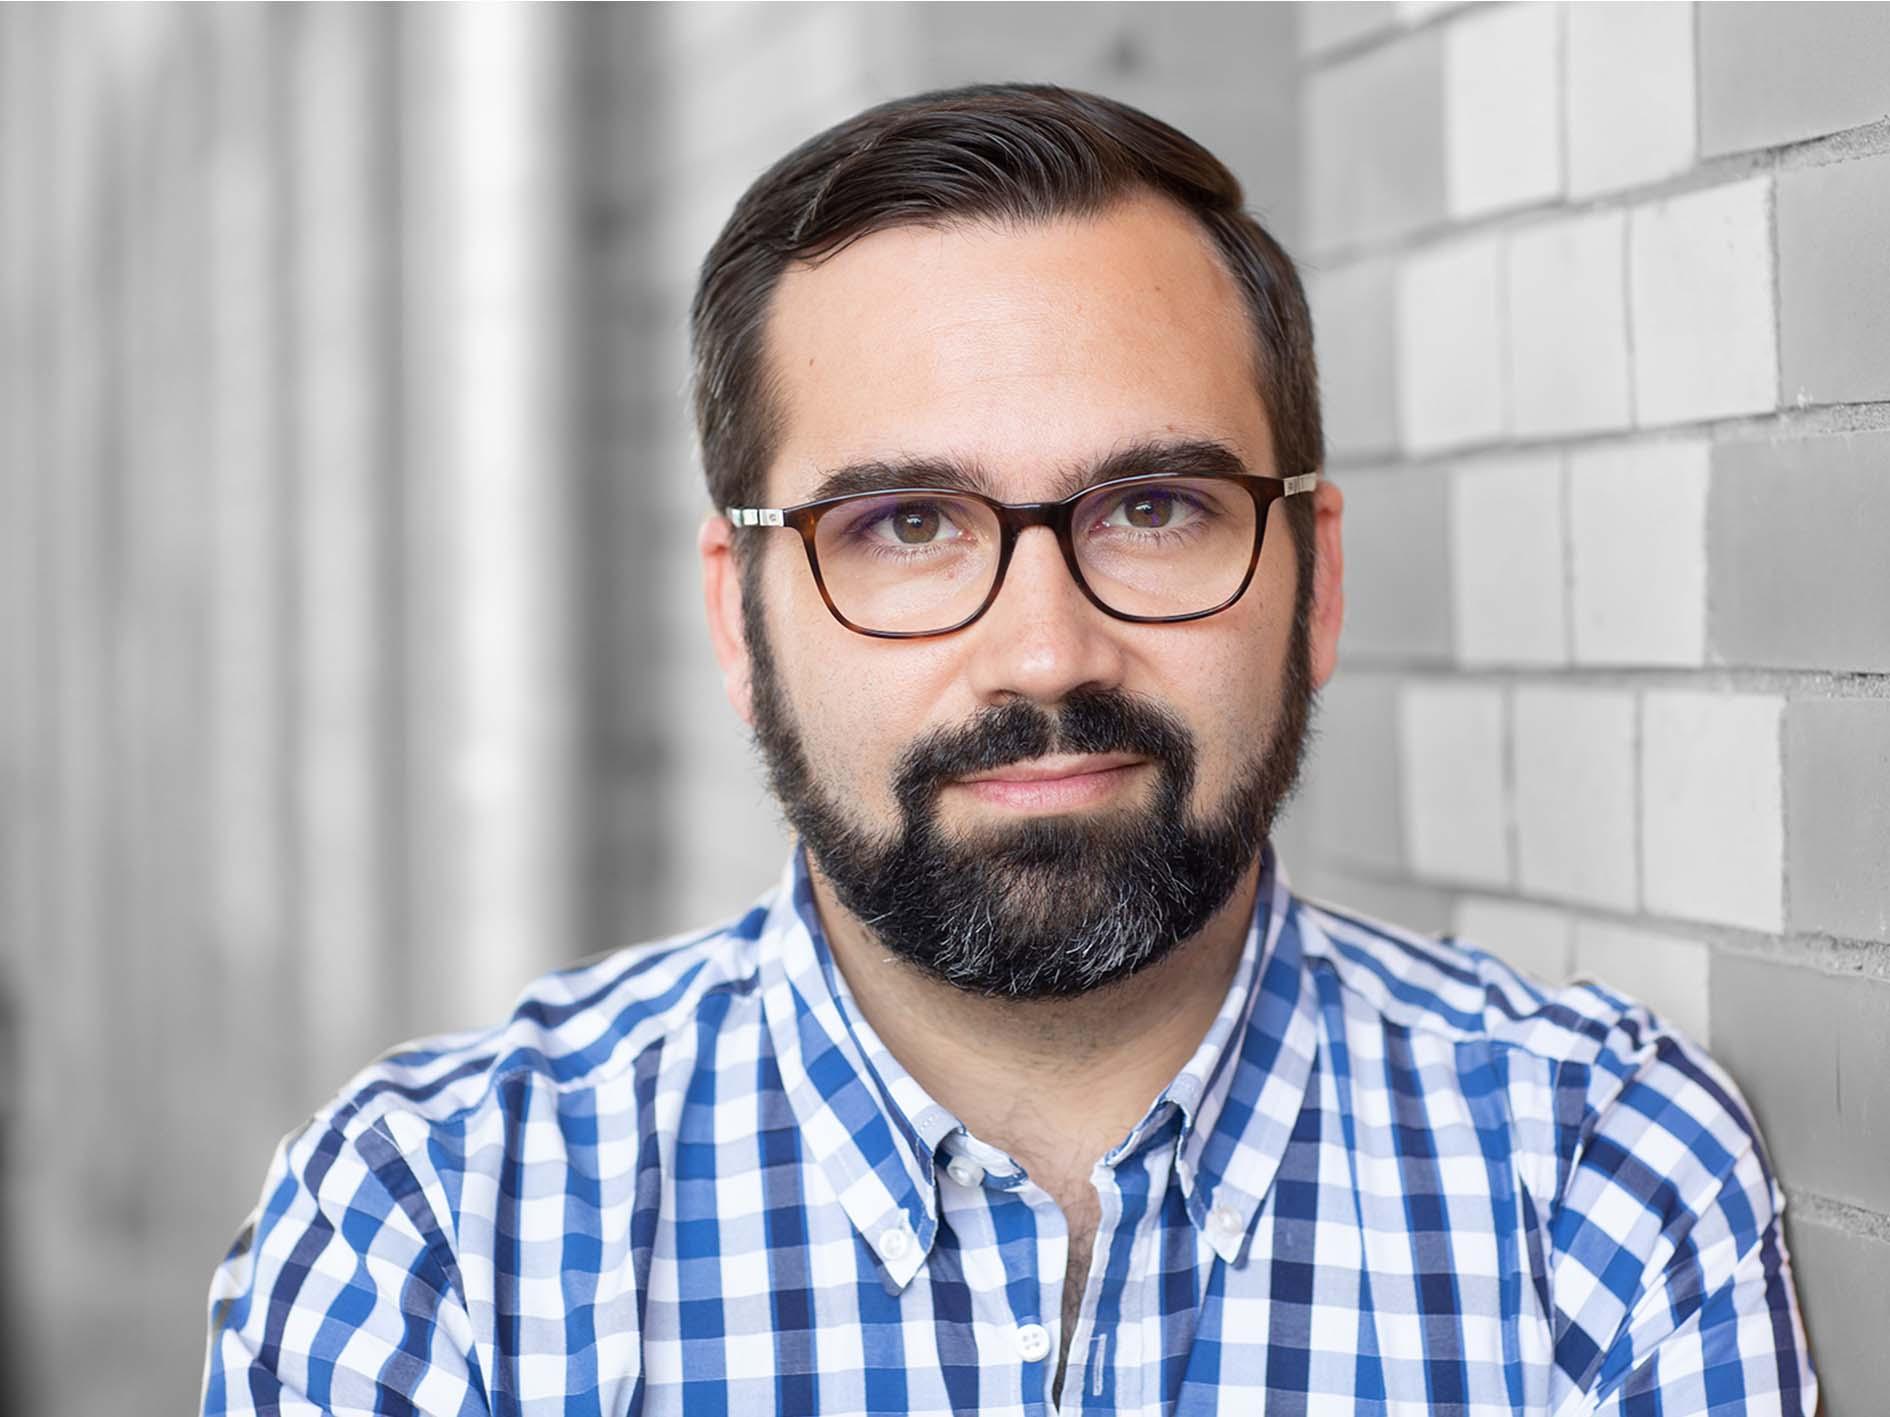 Daniel Krump